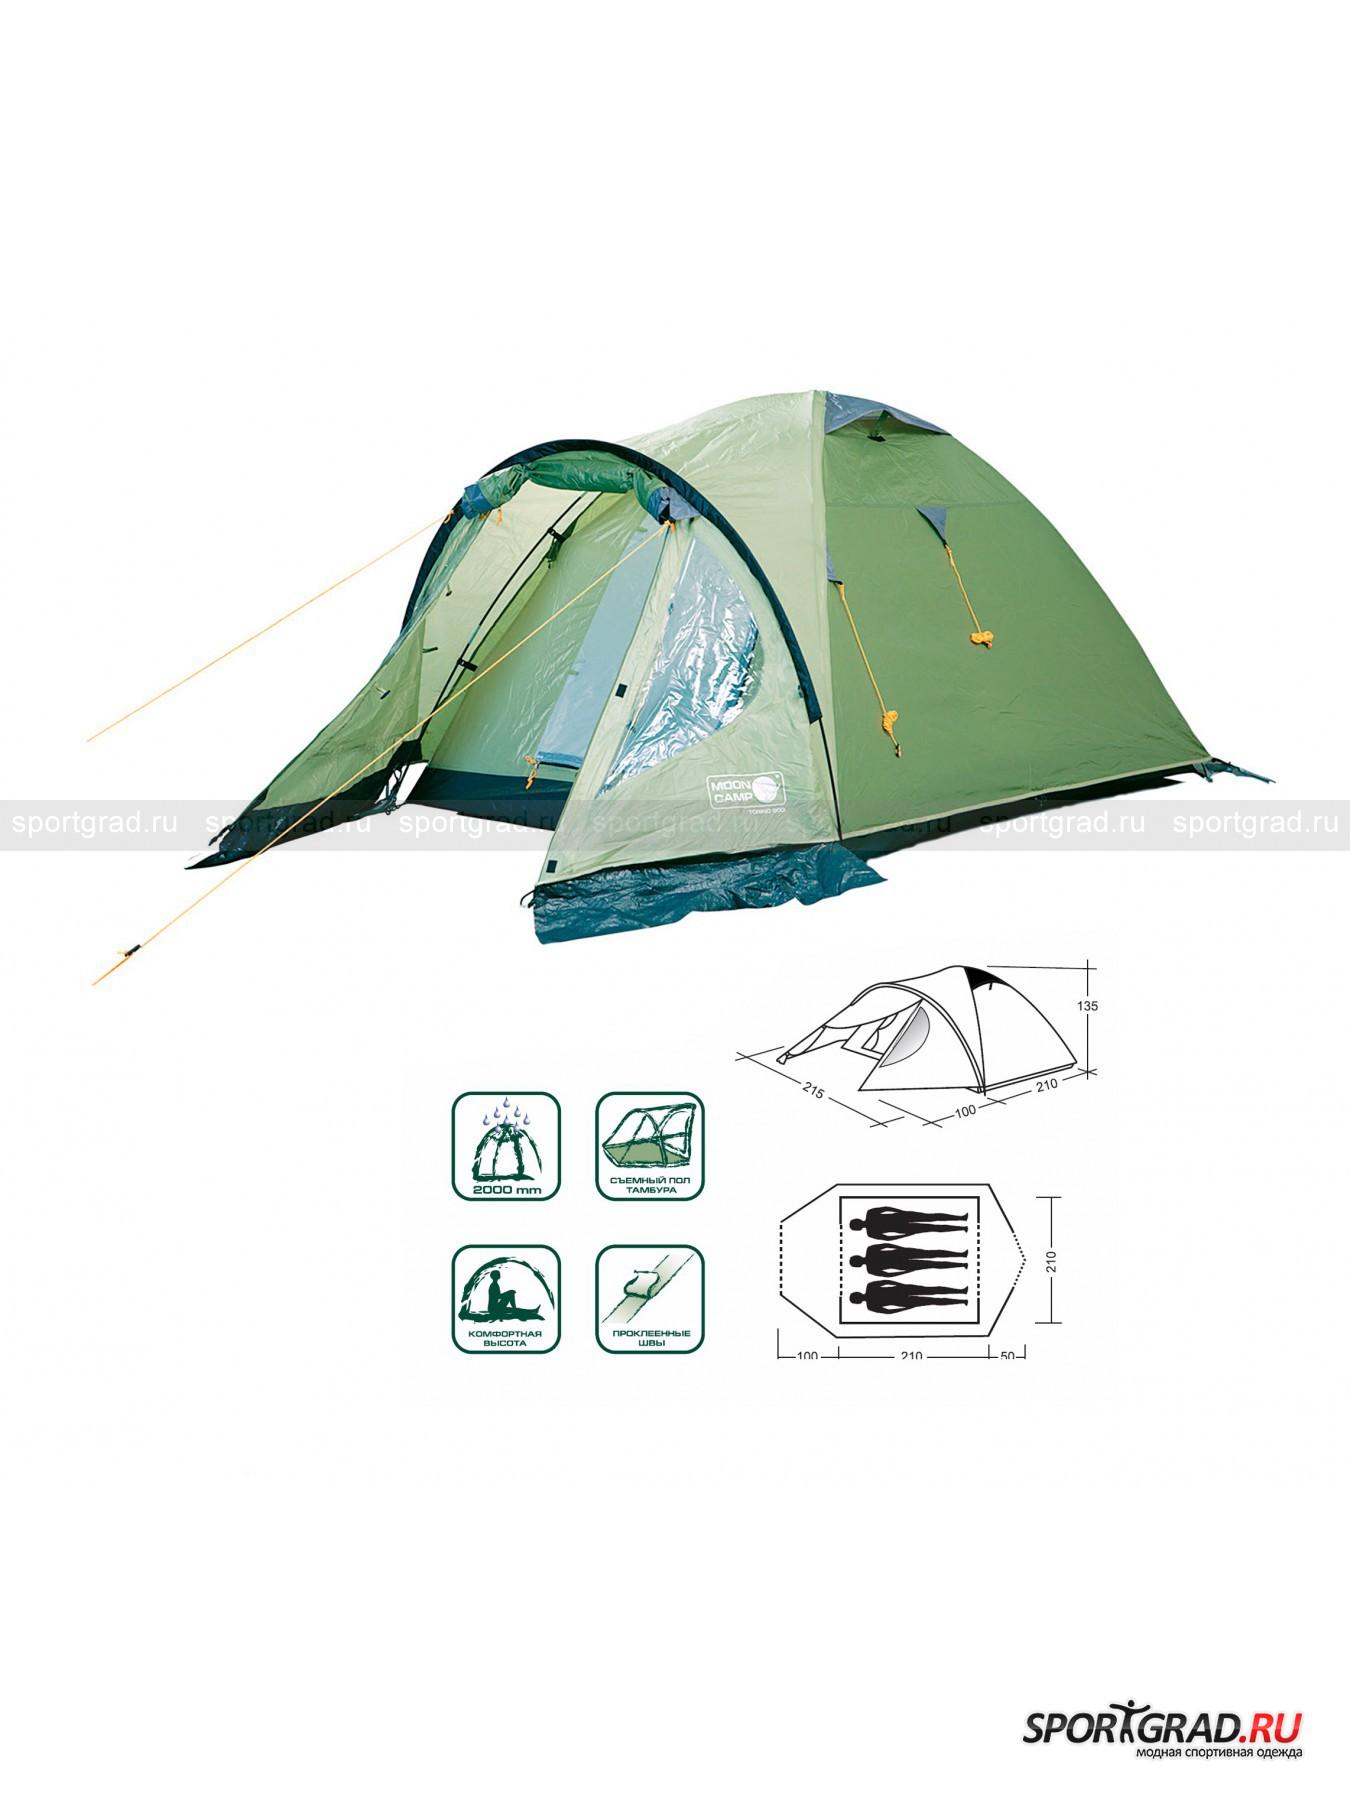 Палатка Torino 300 MOON CAMP от Спортград